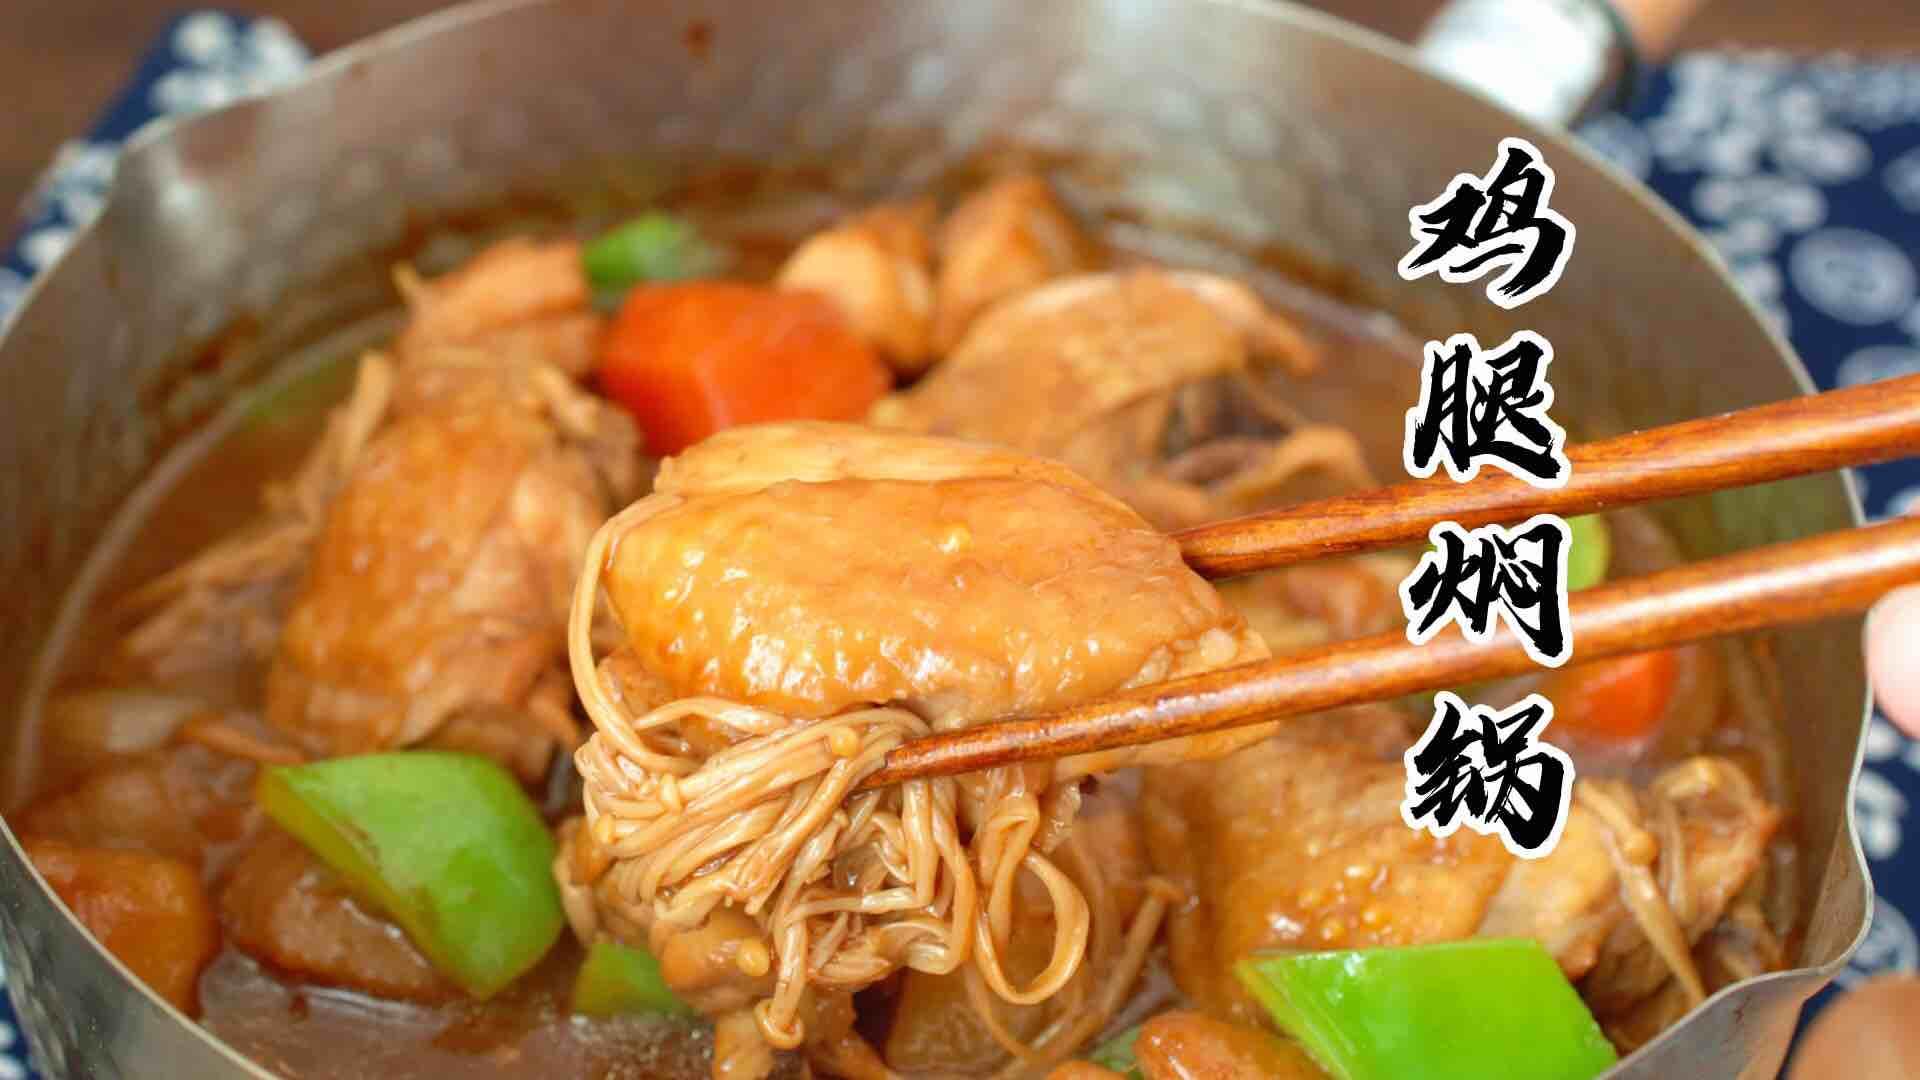 哪种方便面煮着最好吃一碗酱汁锅里一倒,出锅太香了!鲜嫩入味的做法